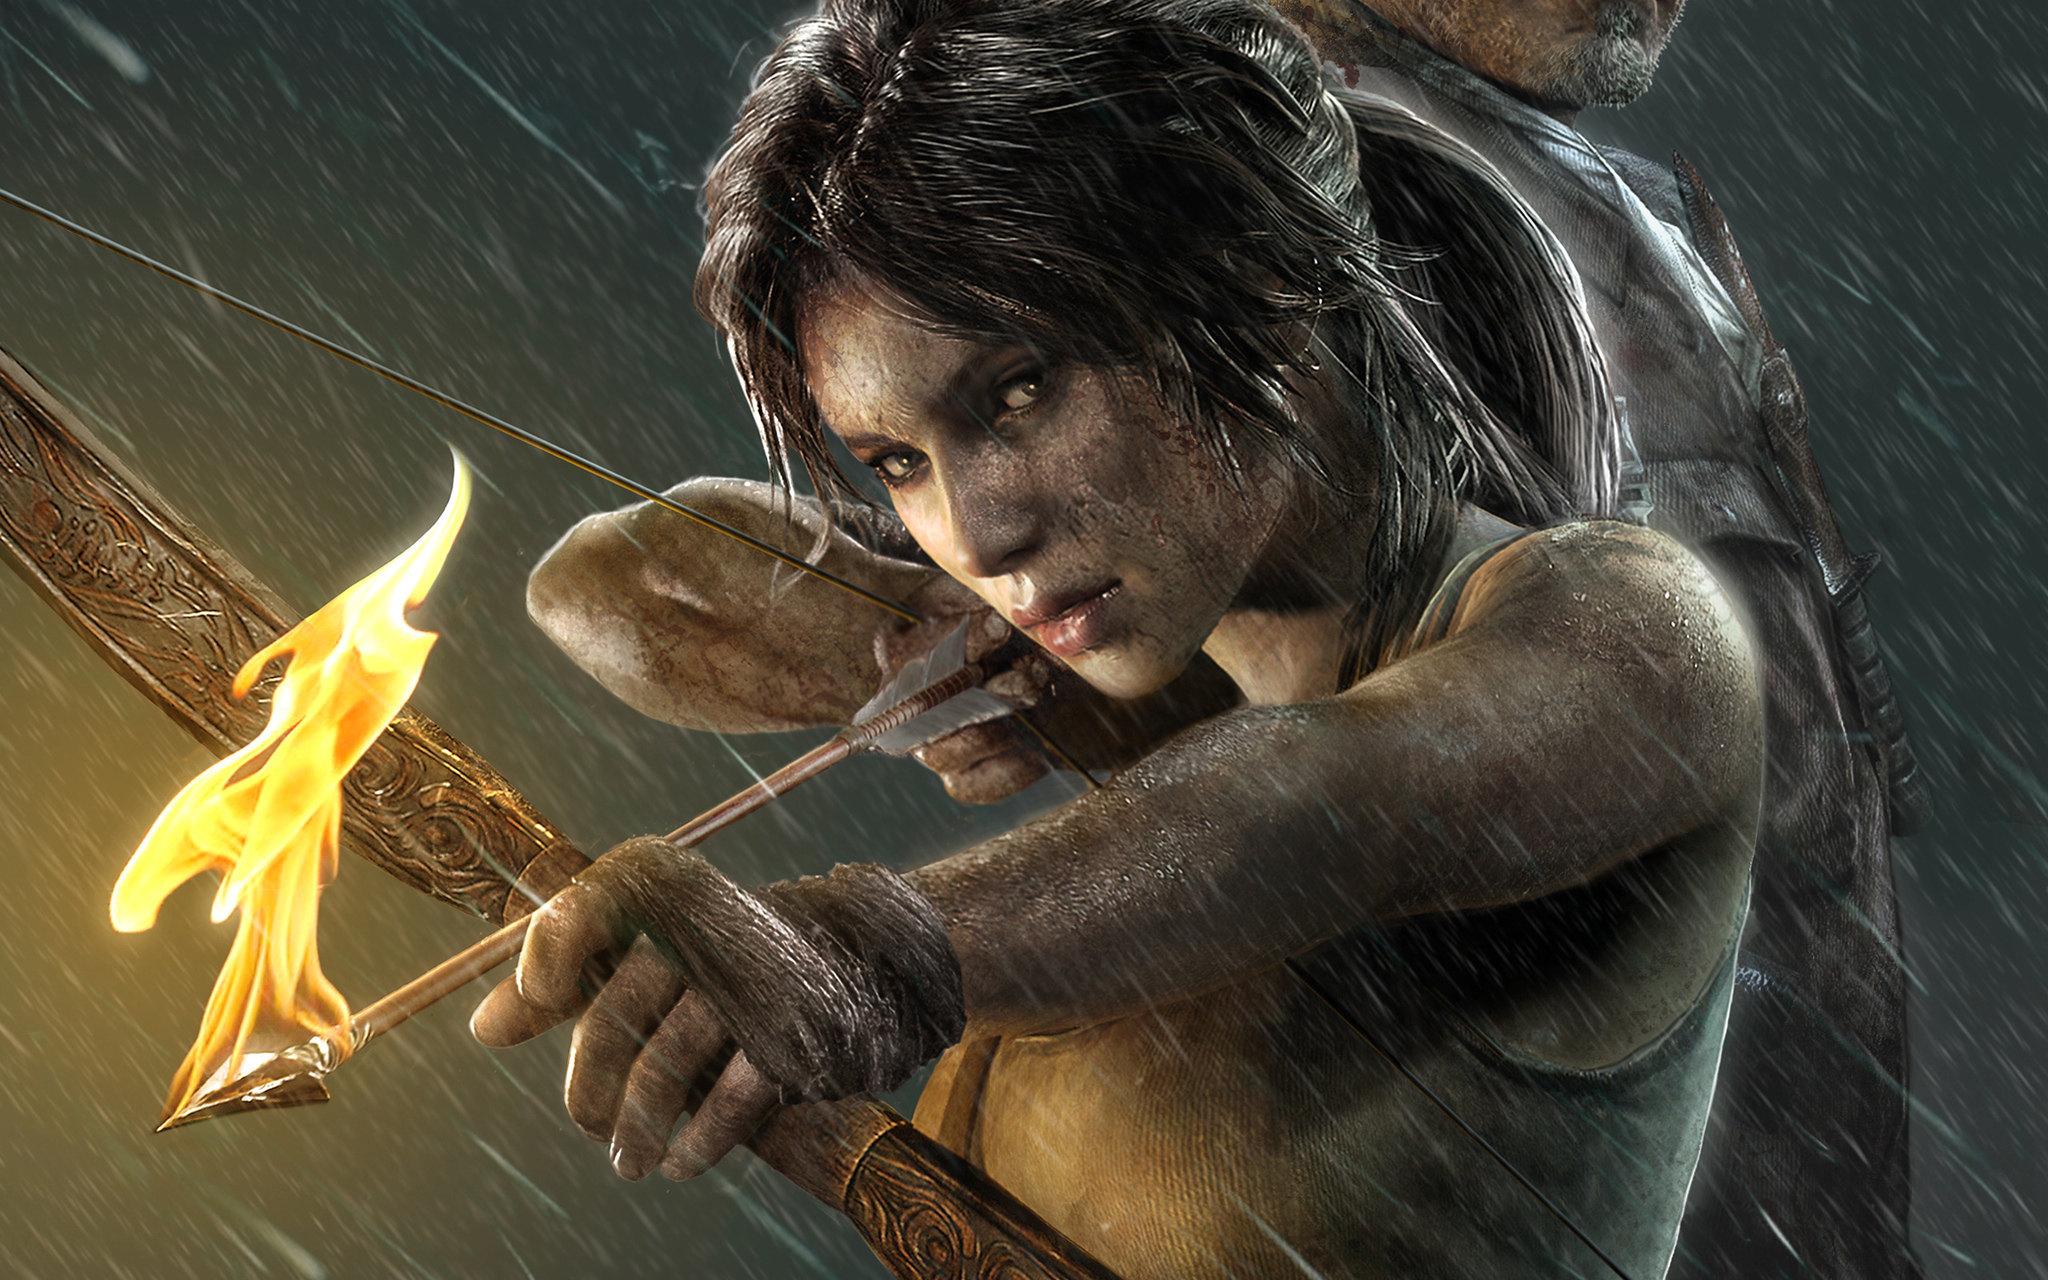 лара крофт обзор игры, Tomb Raider хрупкая девушка